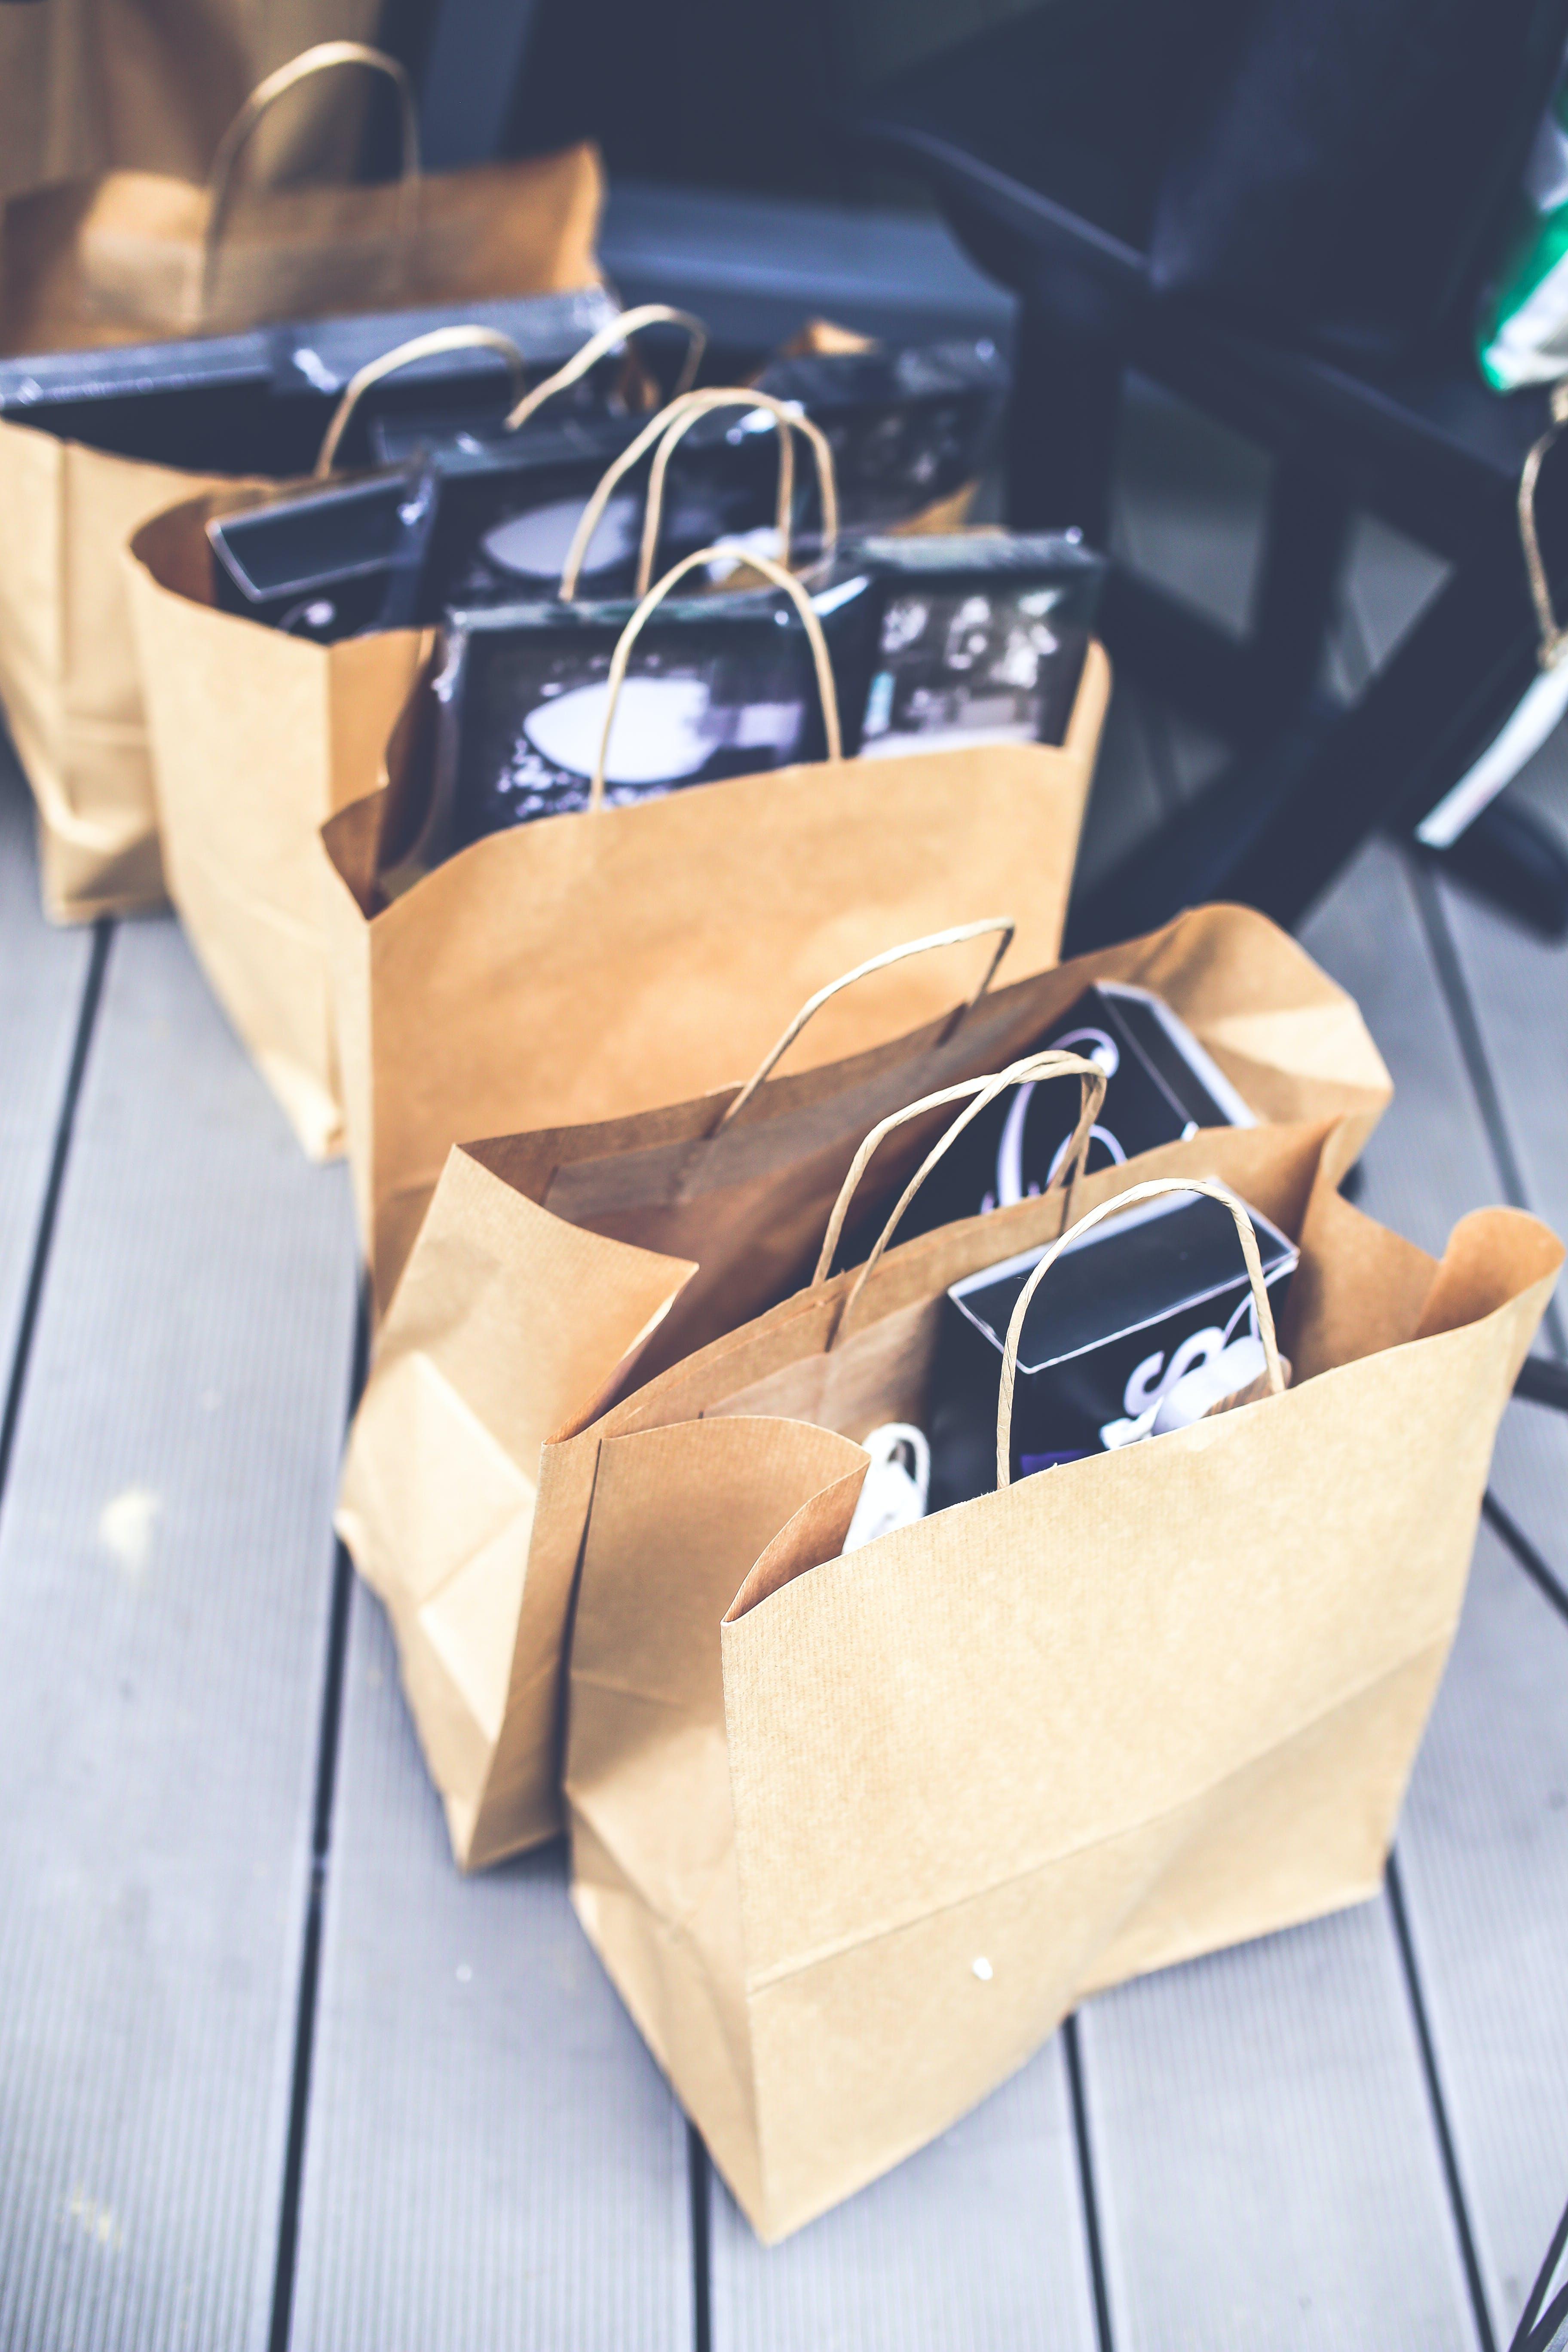 Kostenloses Stock Foto zu braun, einkaufen, einkaufstüten, karton